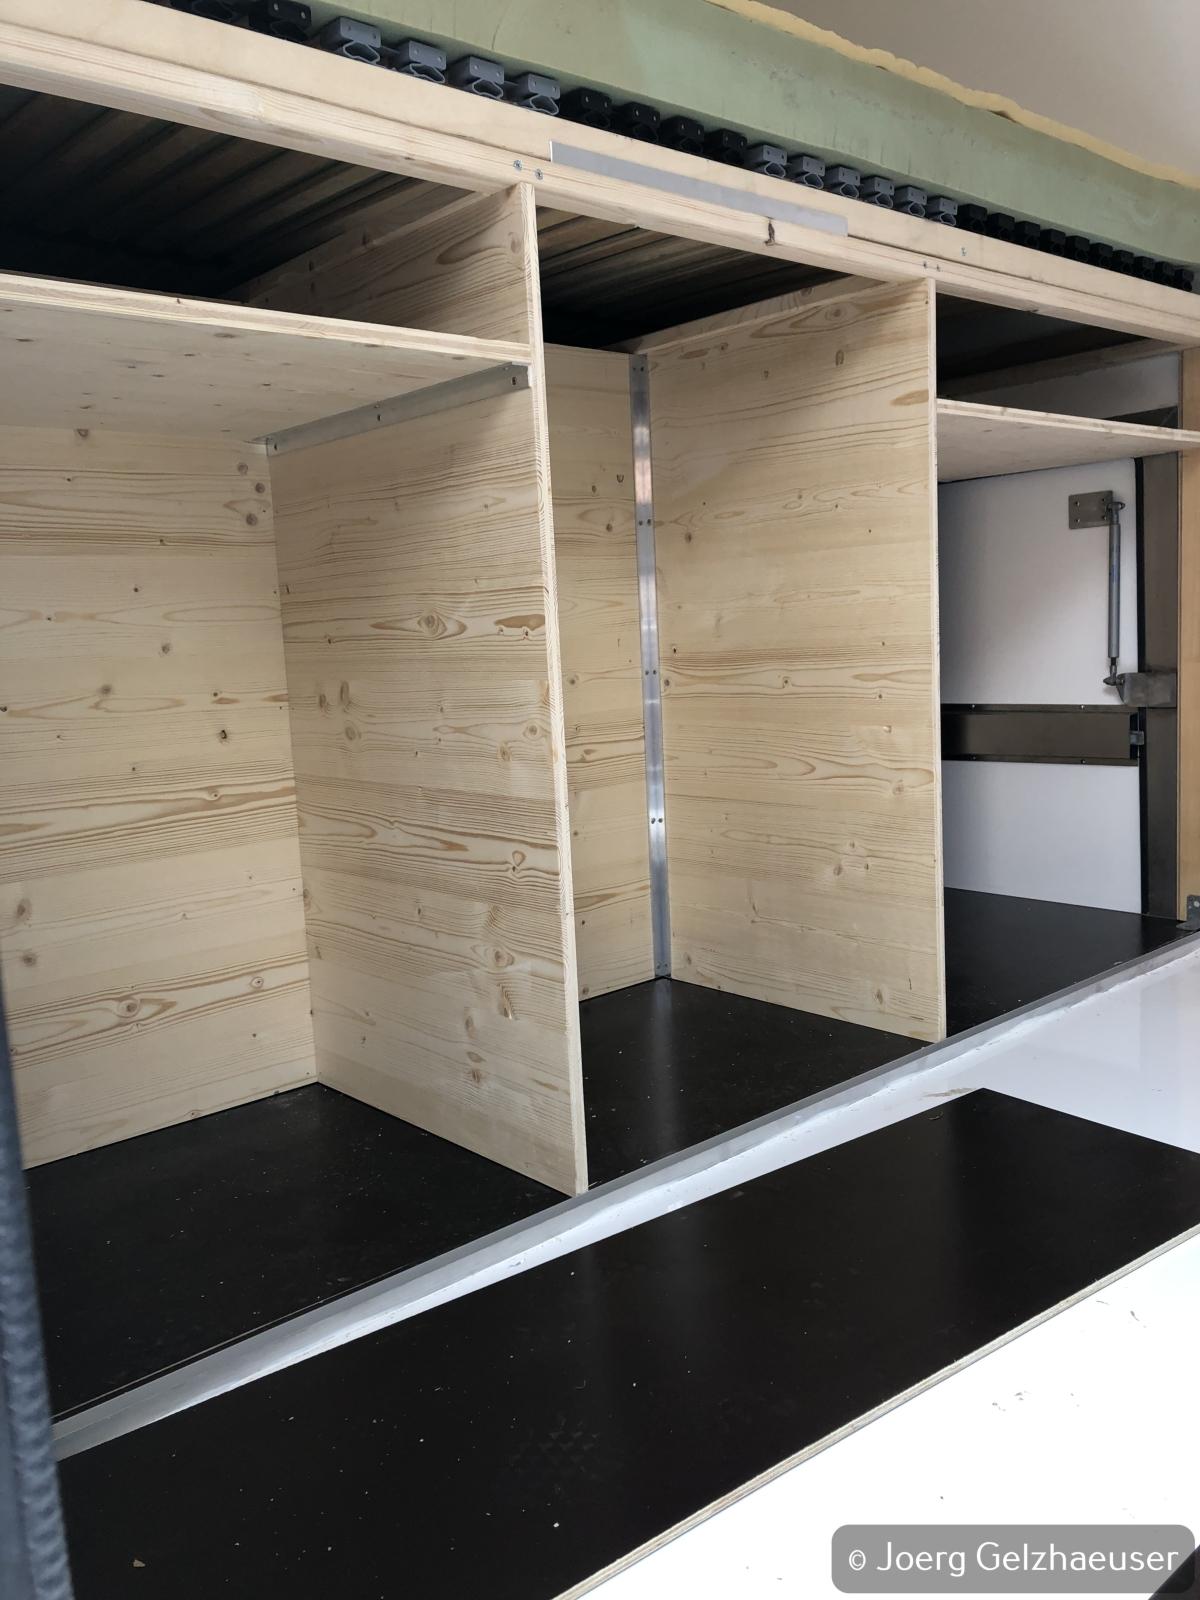 Unimog - Das universelle Motor-(Fernreise)-Gerät - Unterbau Bett im Heck und Stauräume für Gaskasten, Küchenschubladen und Abwassertank.